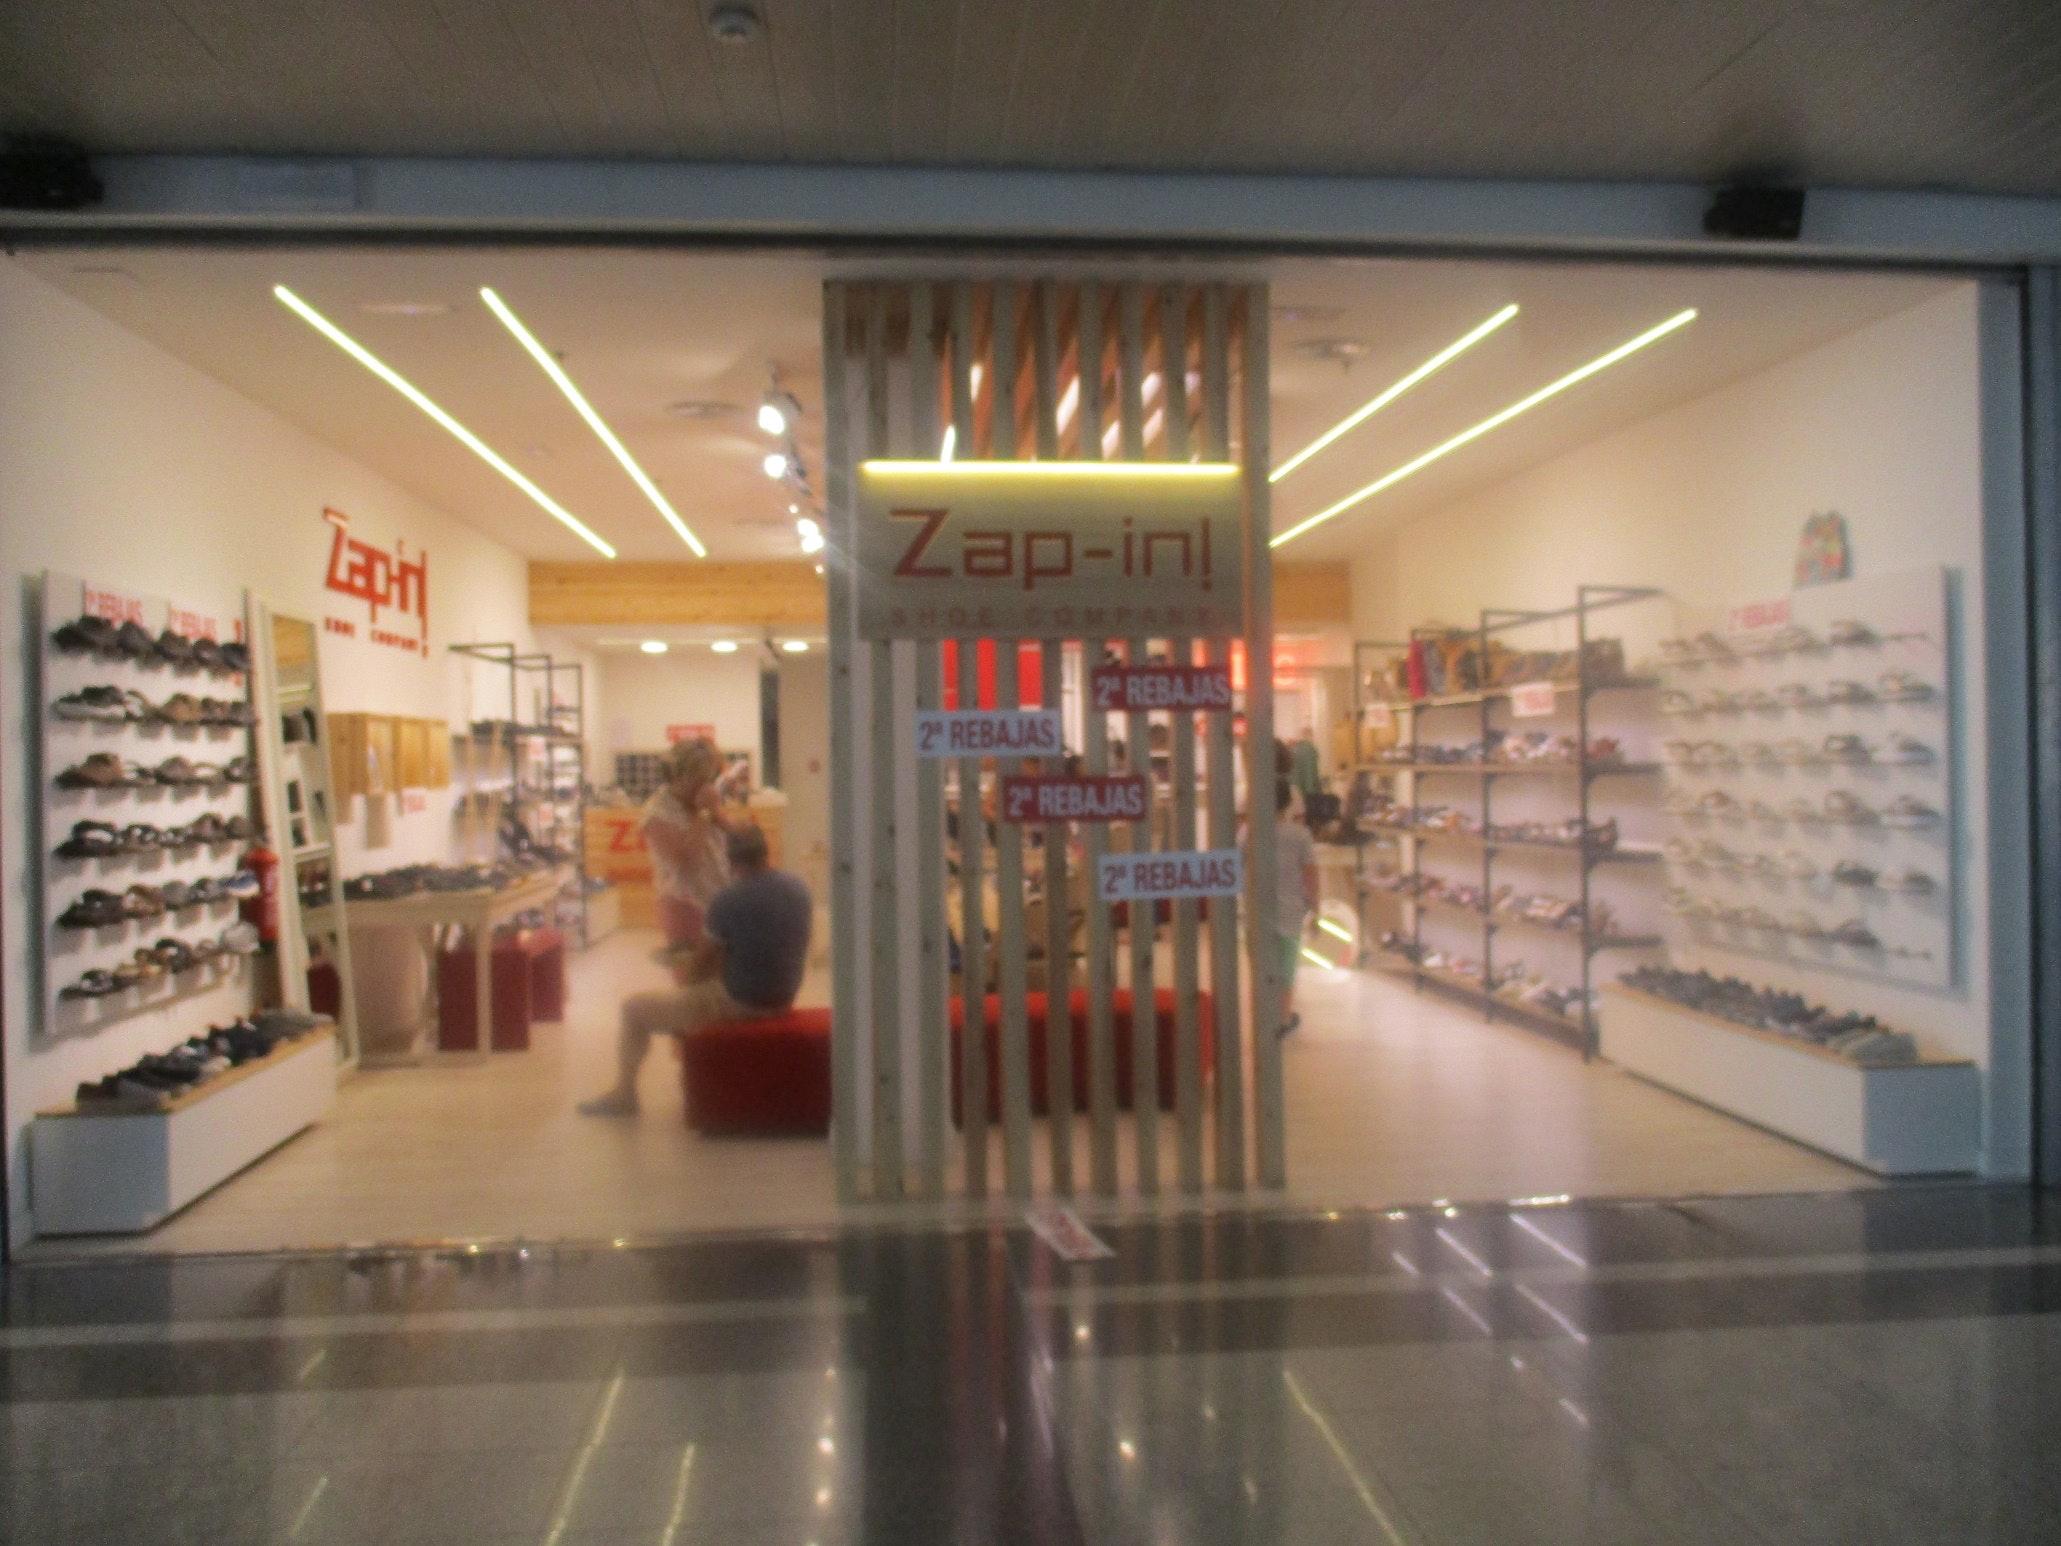 zap in tienda